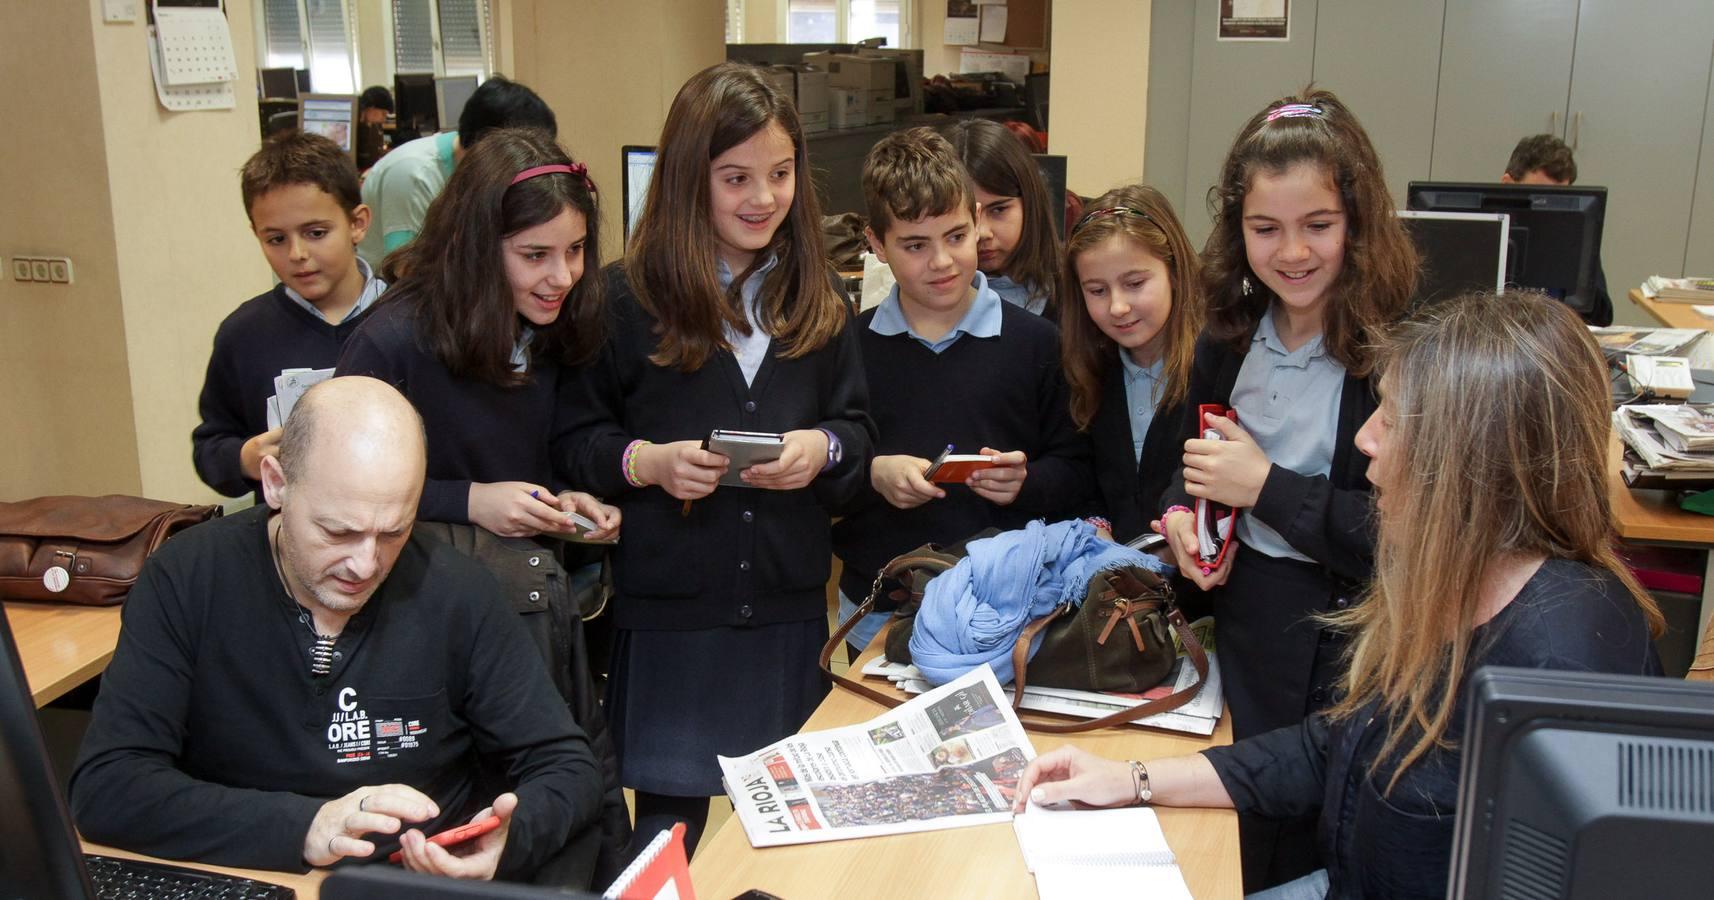 Los alumnos de 5º de Primaria del Colegio Paula Montal visitan la multimedia de Diario LA RIOJA